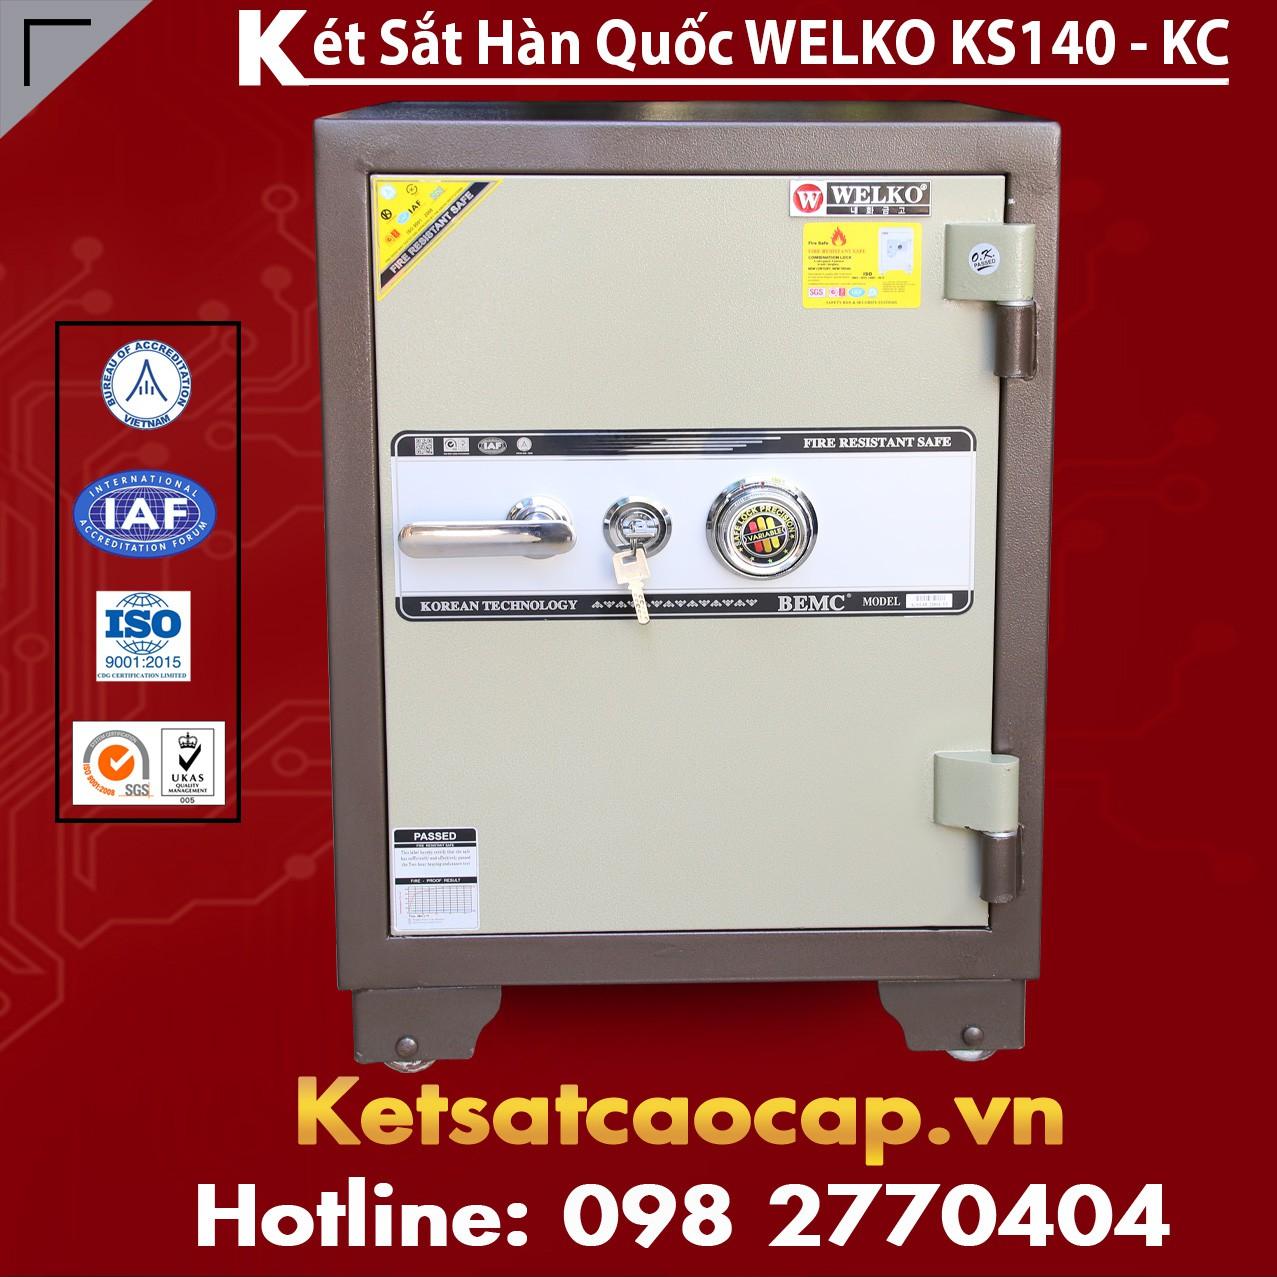 Két Sắt Văn Phòng Welko KS140 - KC Brown